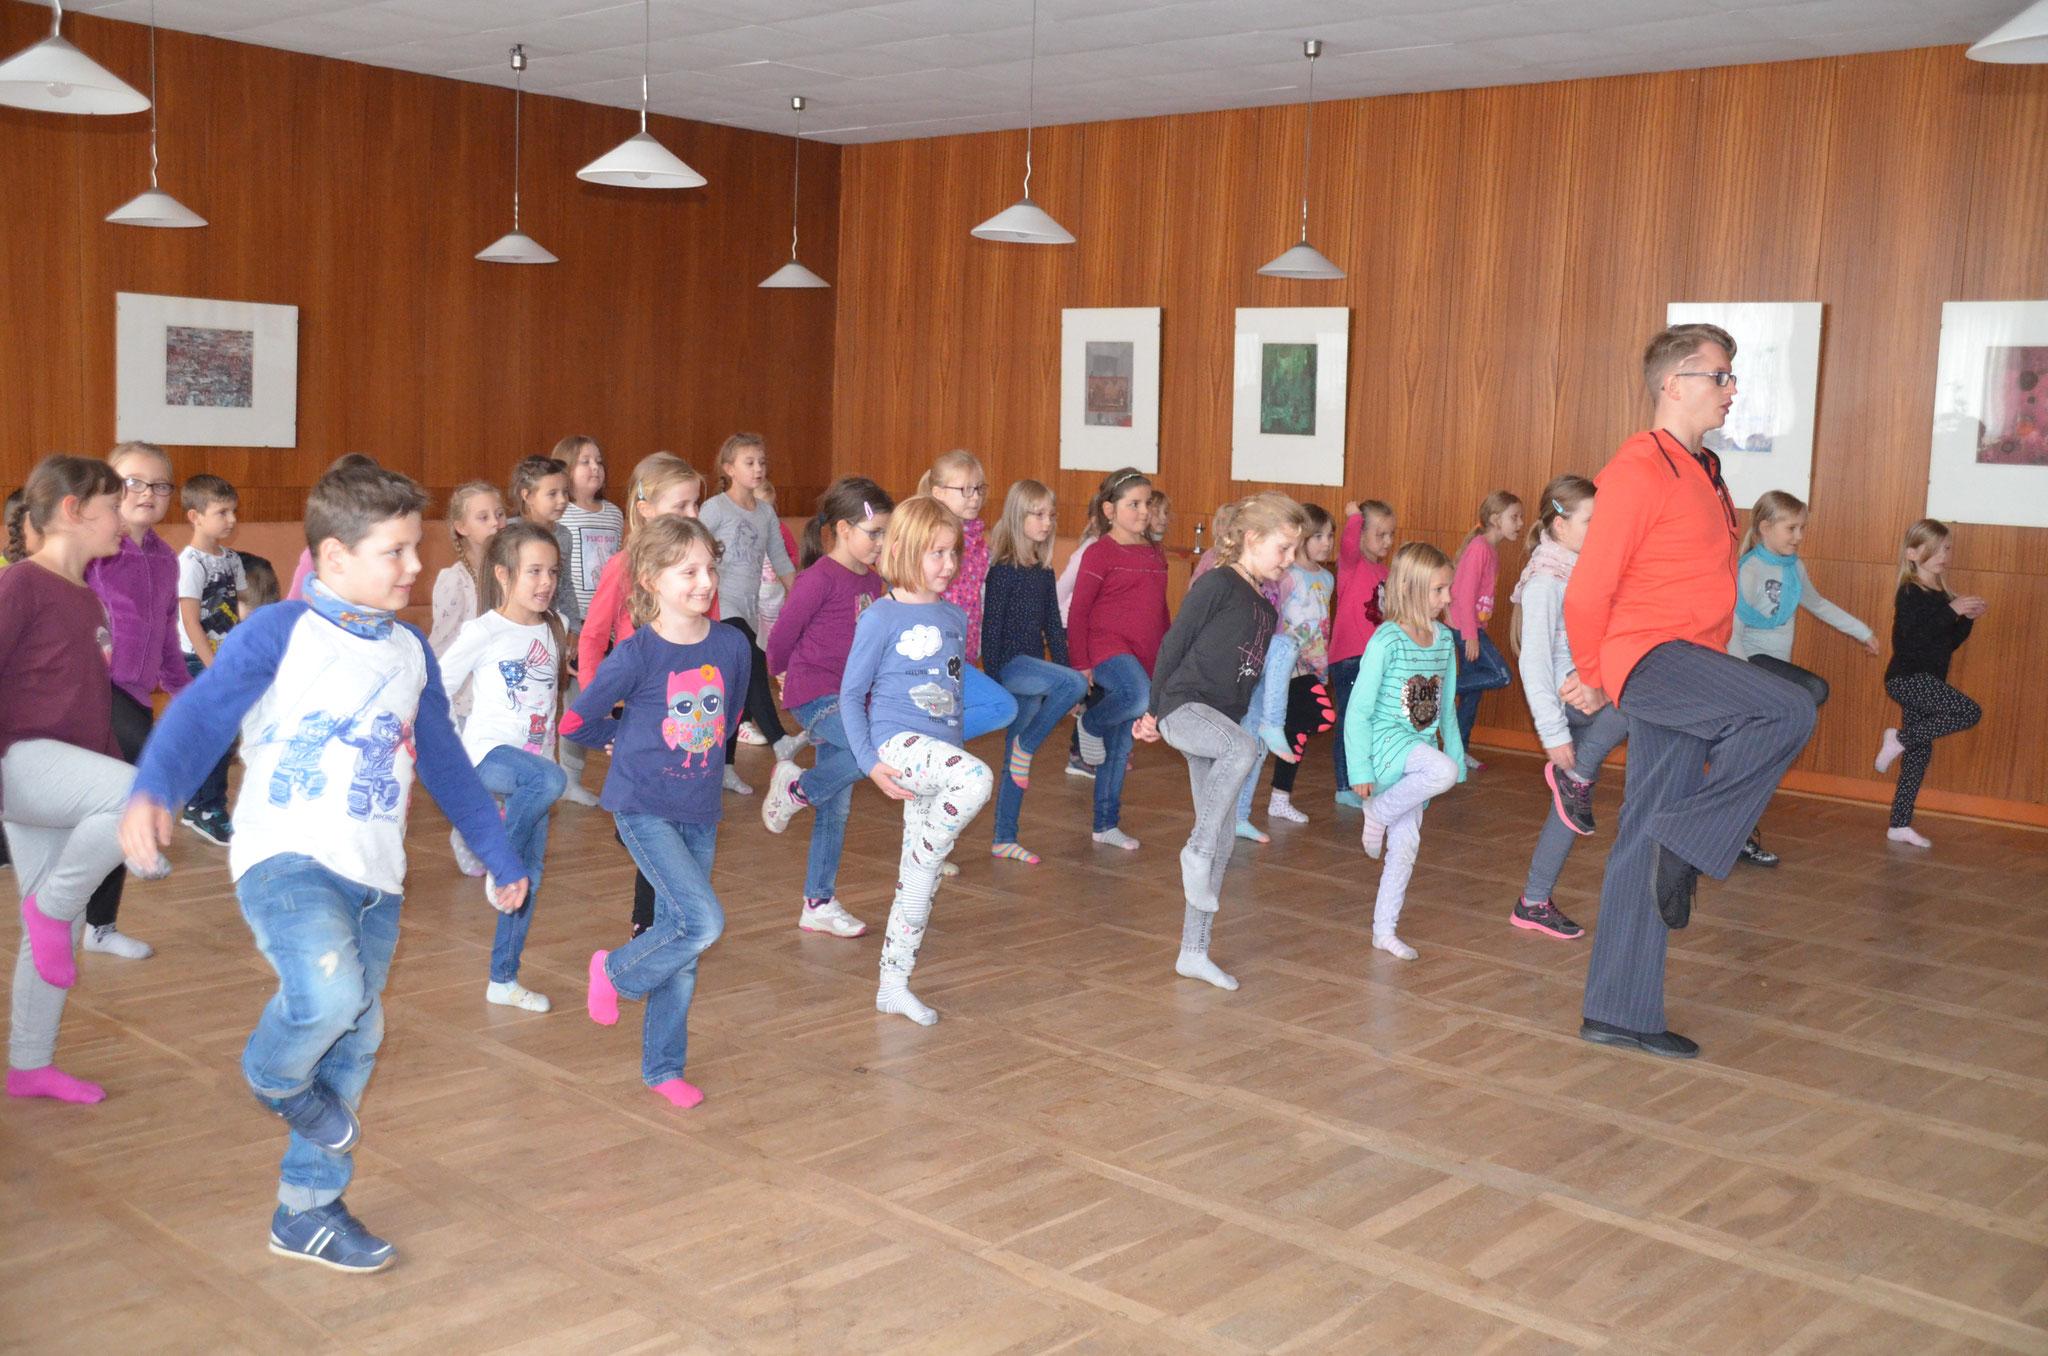 Begeistert folgen die Kinder Trainer Alex Hinrichs und Übungsleiterin Annegret Hauptmann der Einstudierung einer kleinen Choreografie.